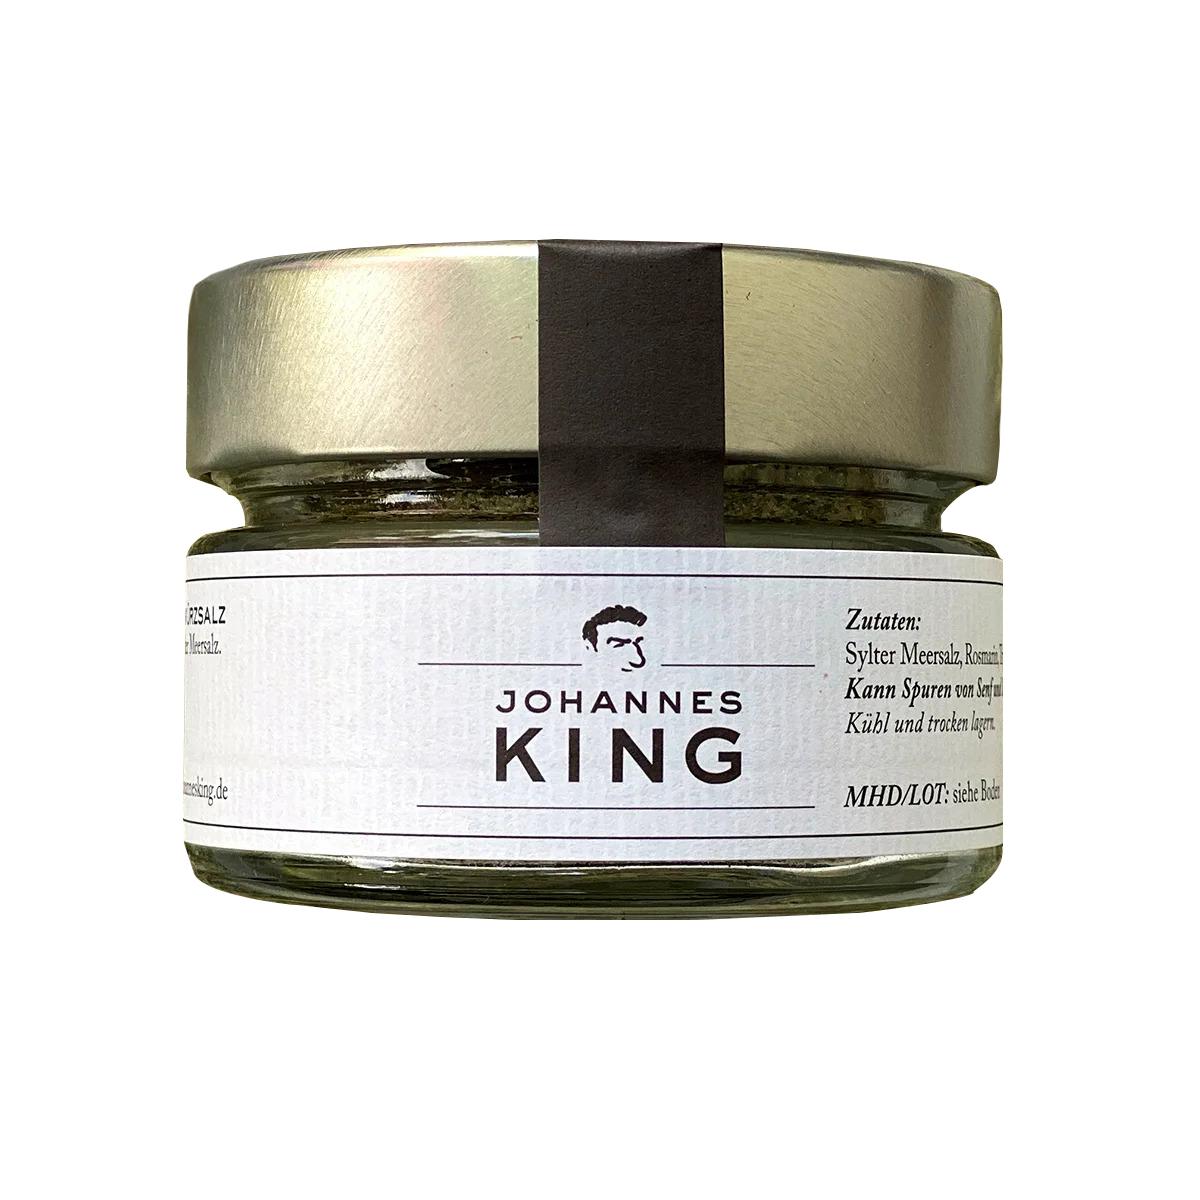 Kings köstliche Vorspeise